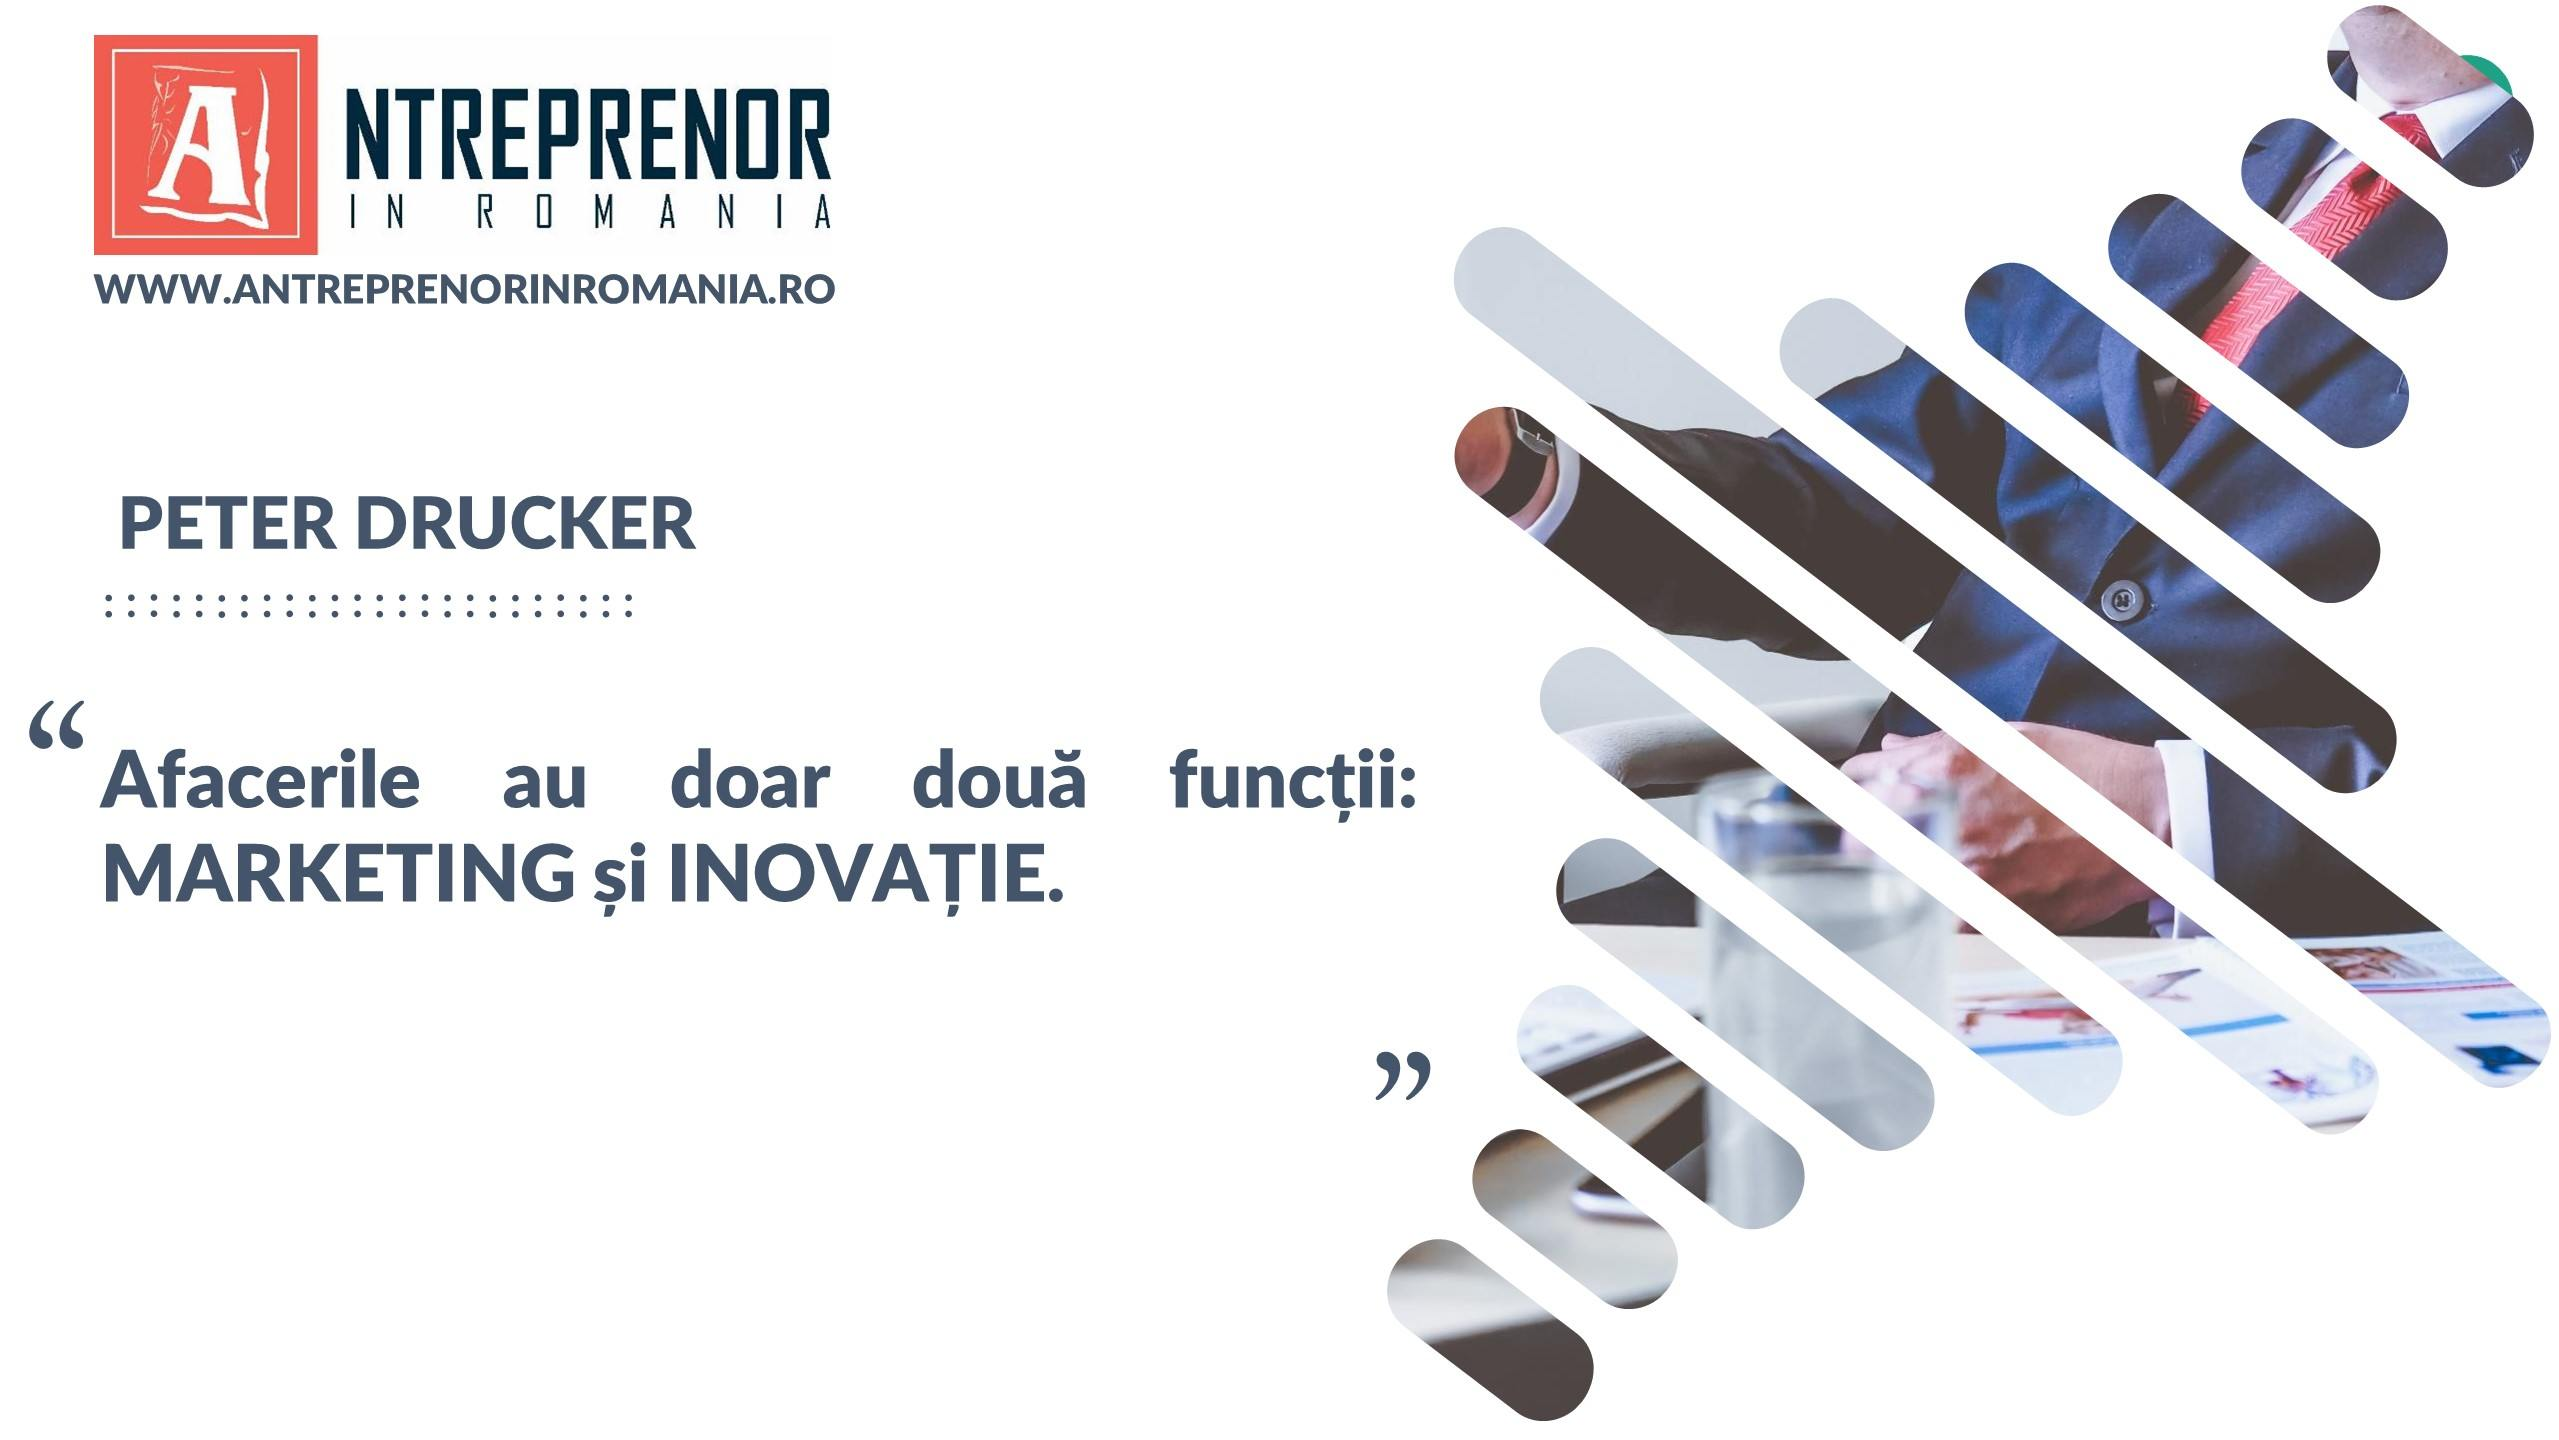 Citat afaceri Peter Drucker